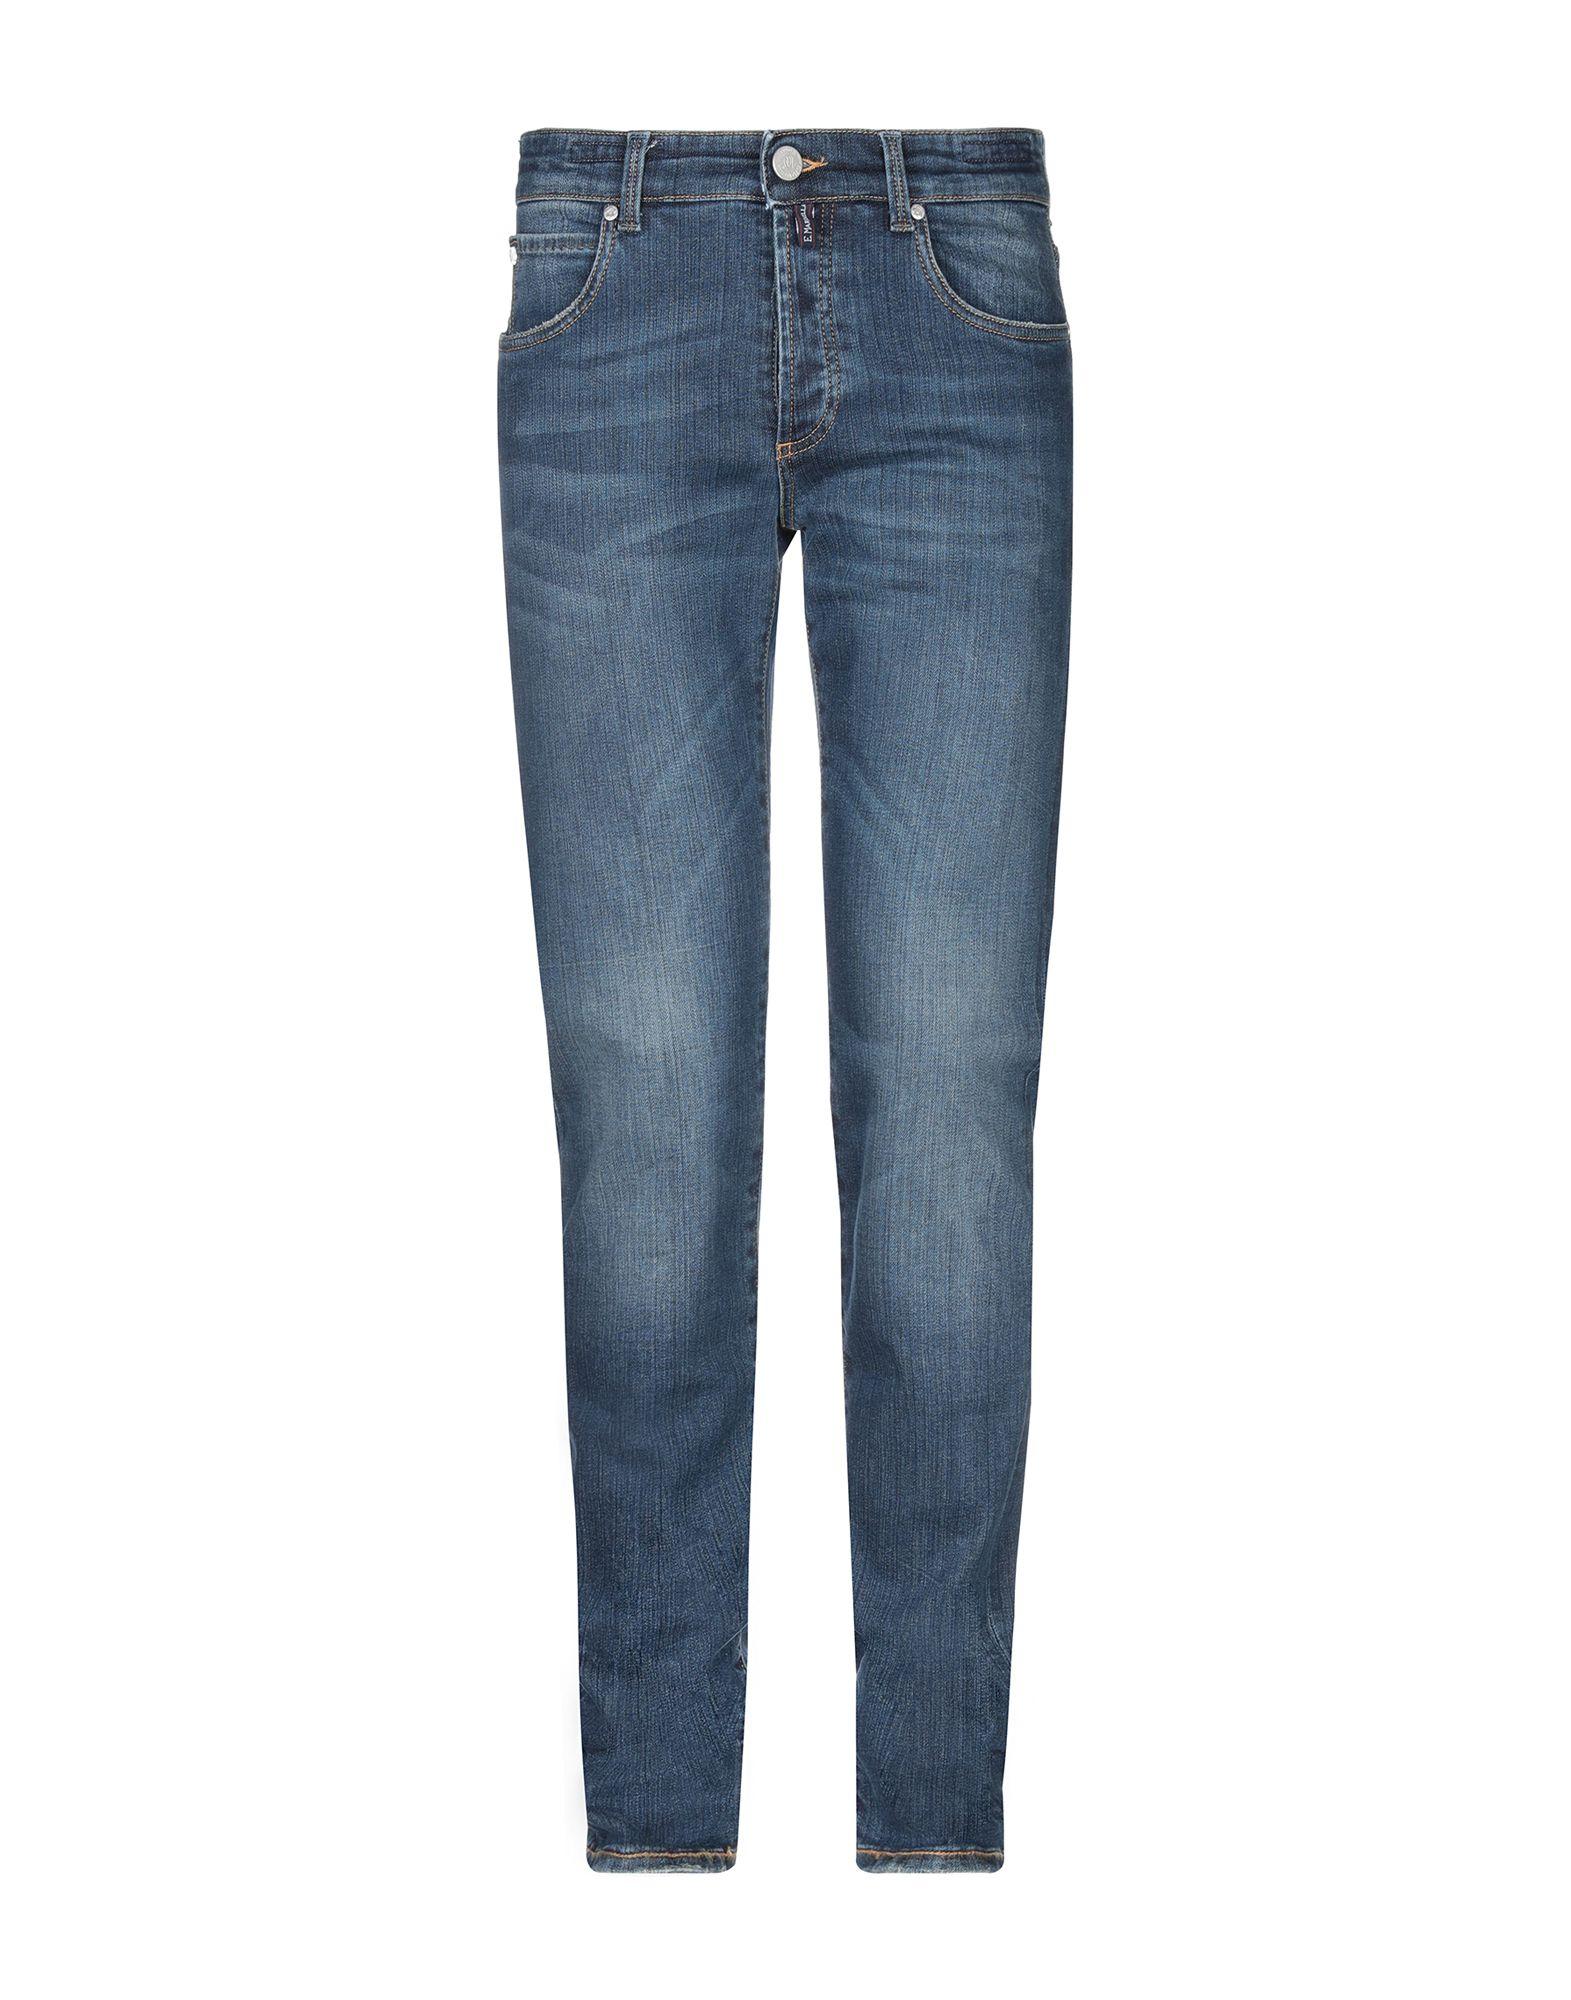 《セール開催中》E.MARINELLA メンズ ジーンズ ブルー 40 コットン 98% / ポリウレタン 2%